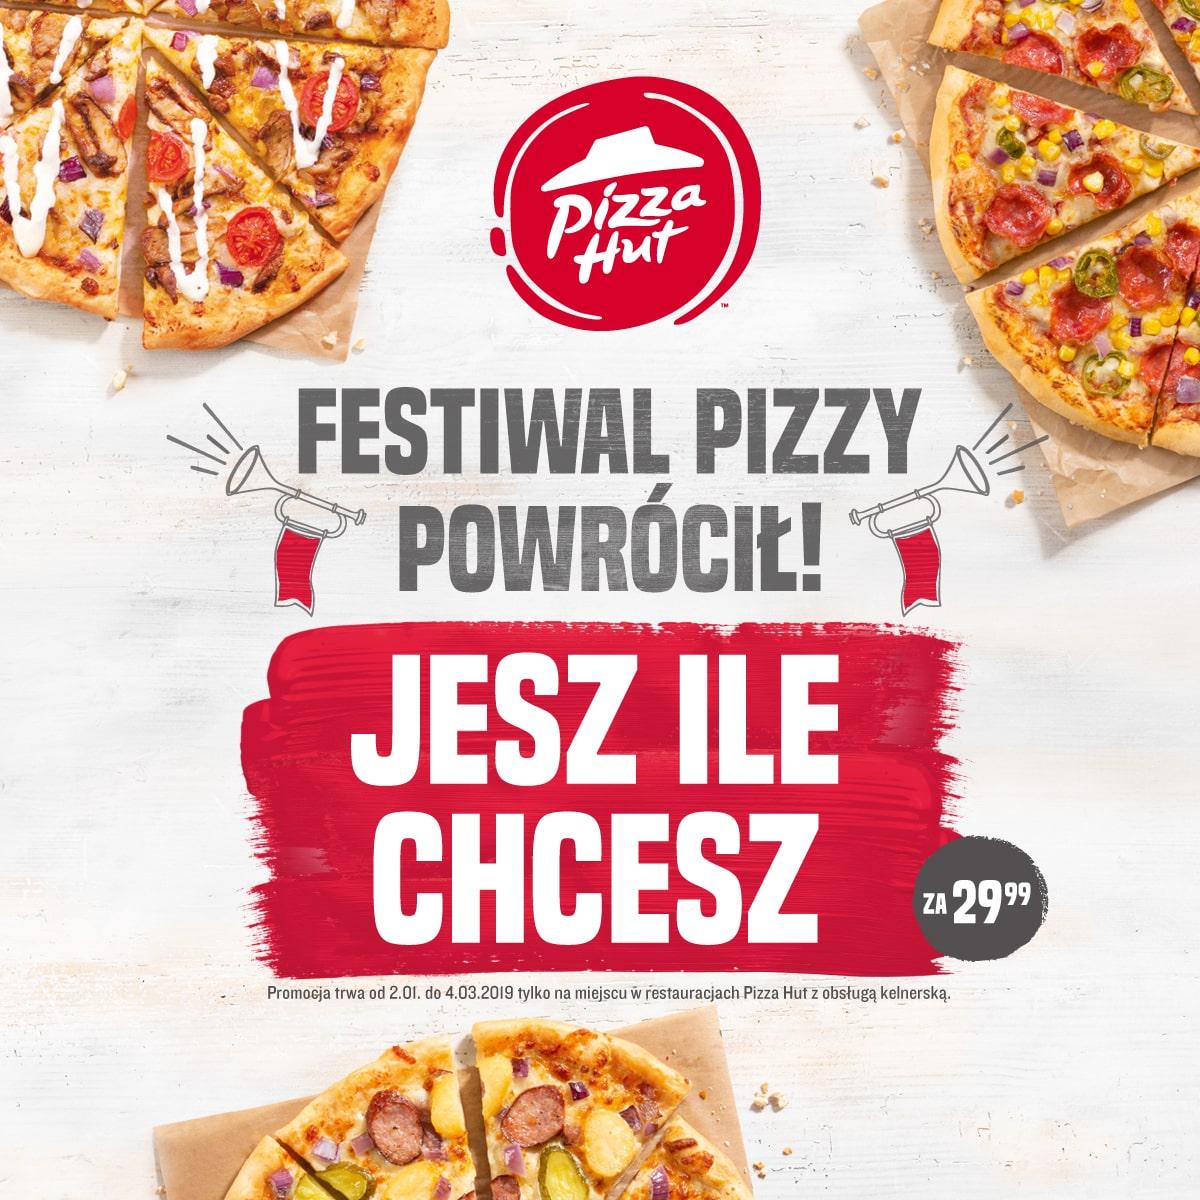 Festiwal Pizzy Powrócił!